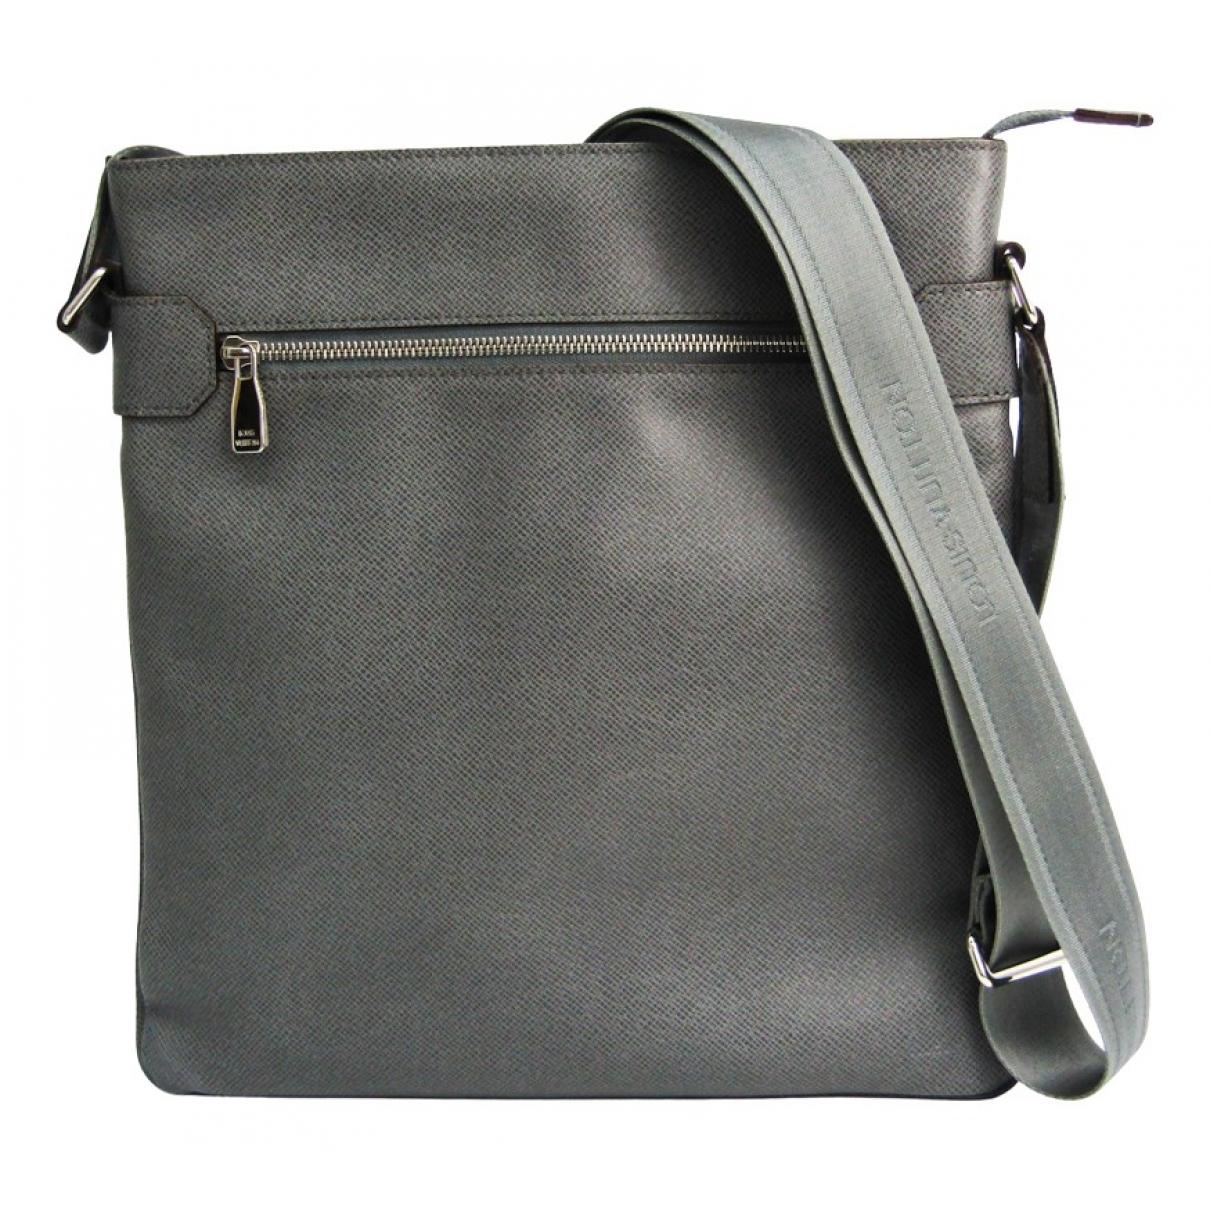 Louis Vuitton - Sac   pour homme en cuir - gris